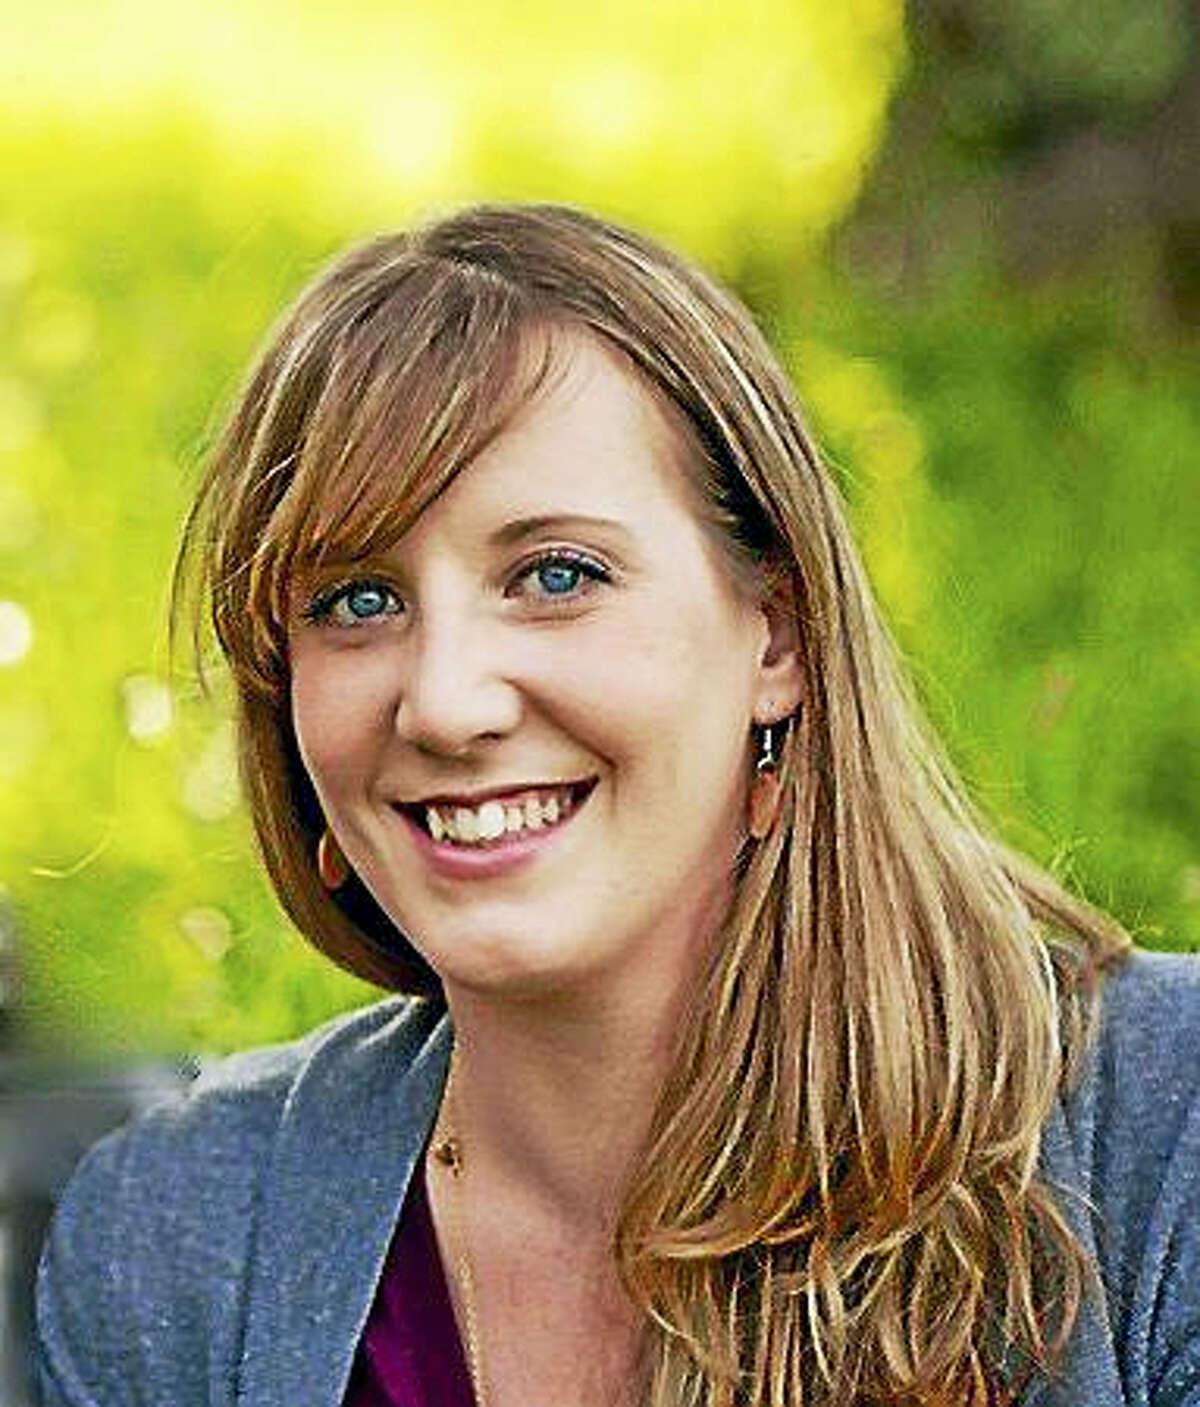 Katie Wasilonsky